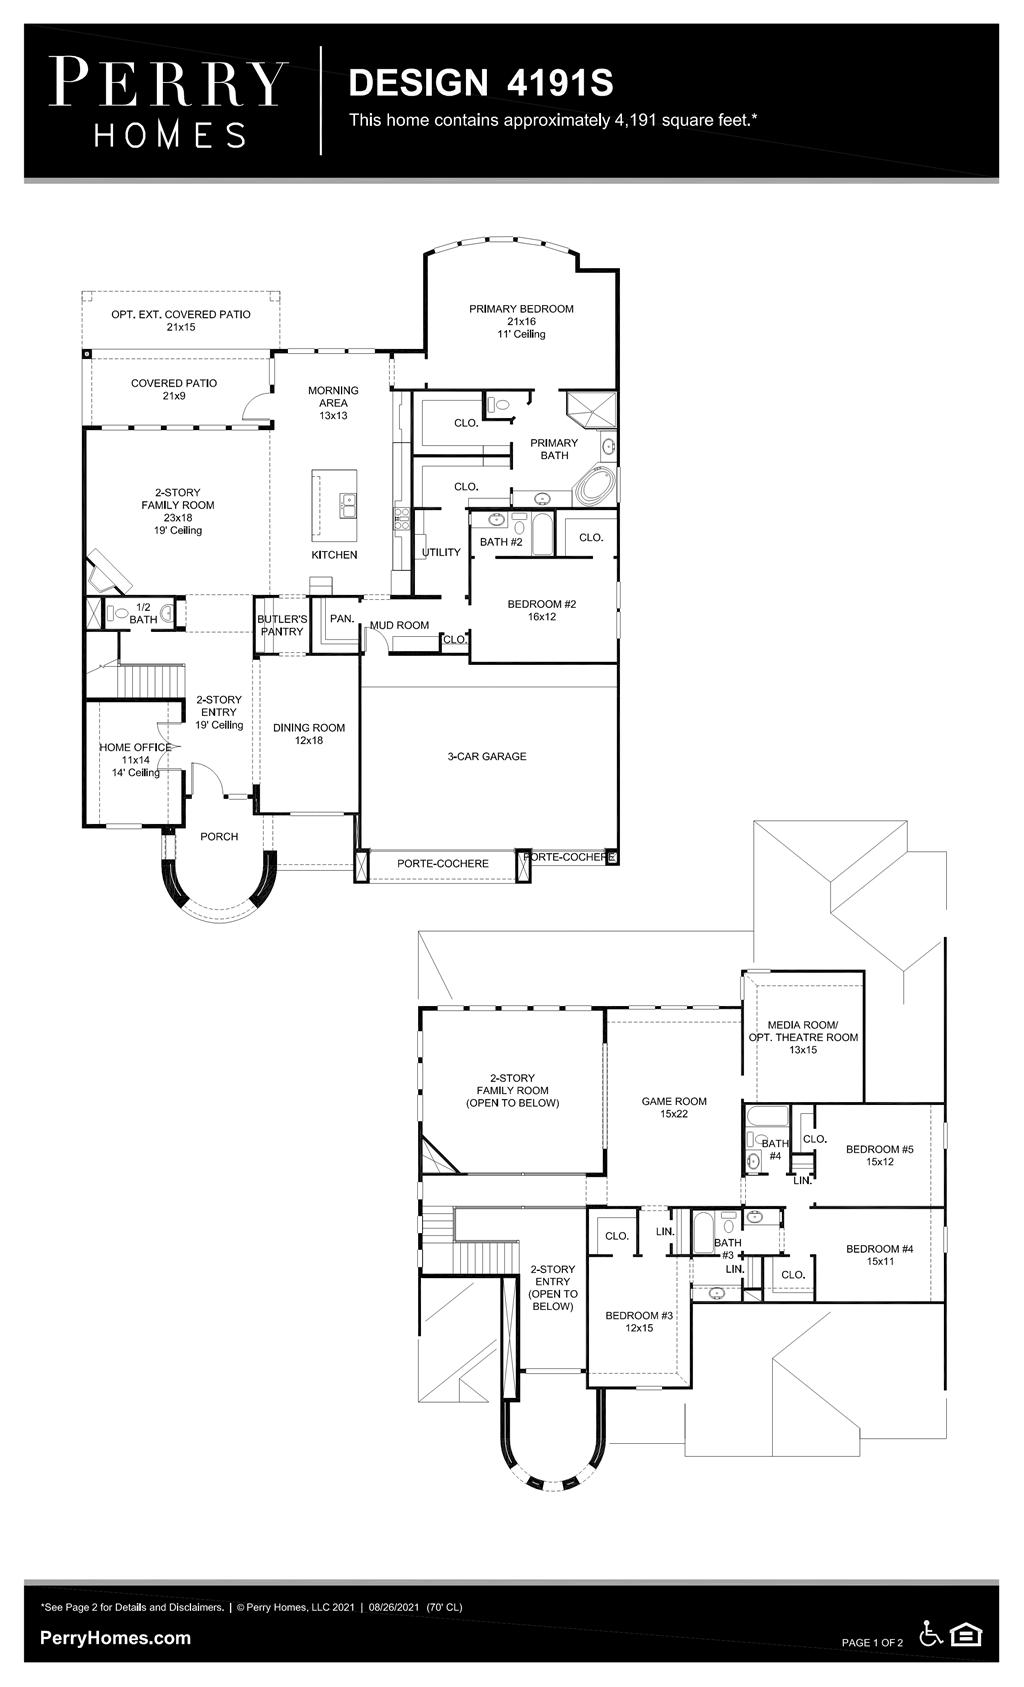 Floor Plan for 4191S